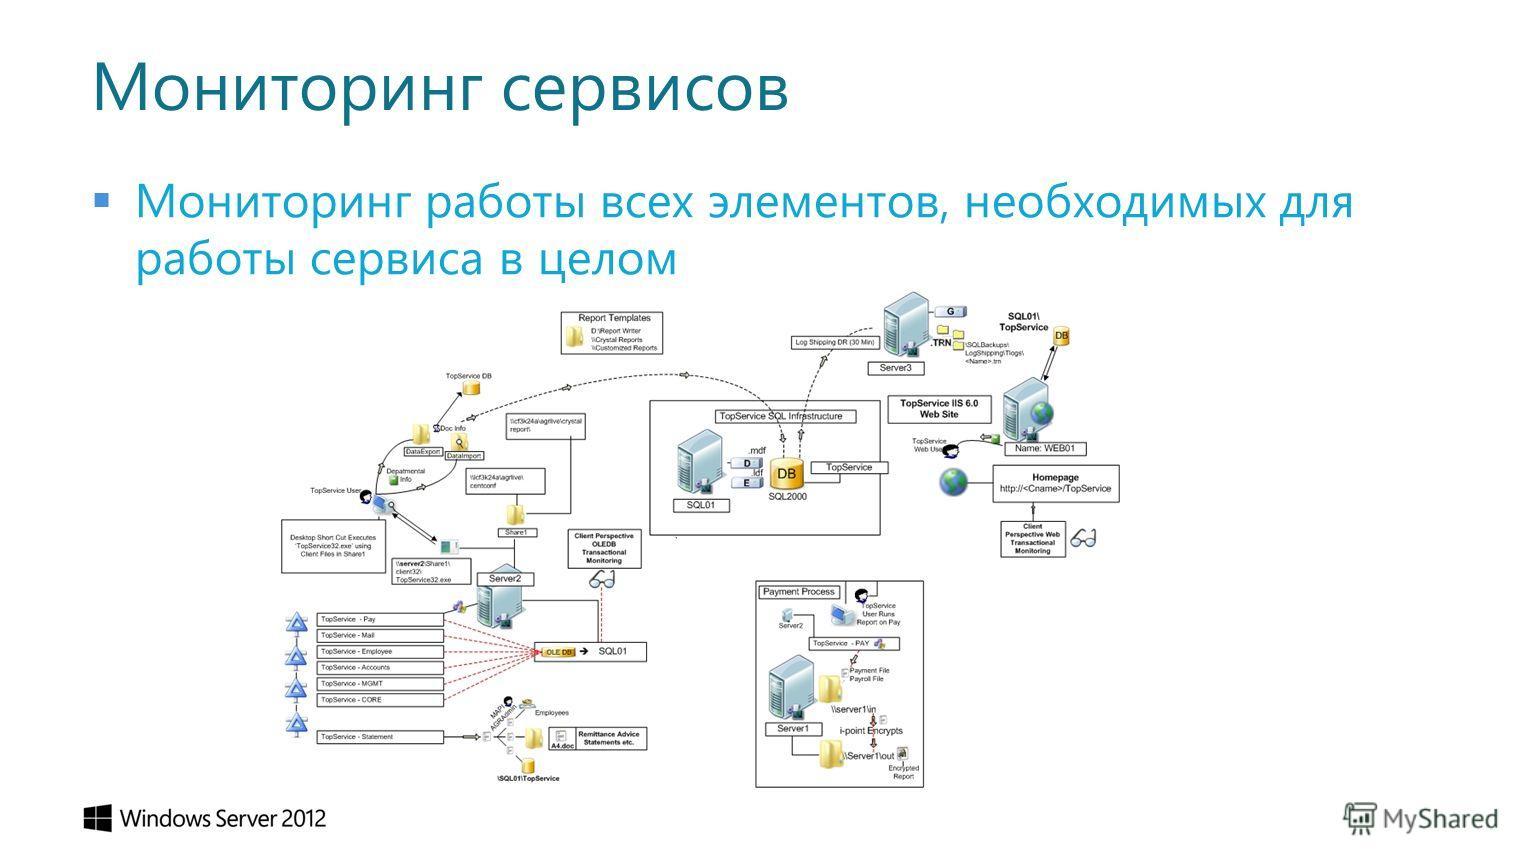 Мониторинг сервисов Мониторинг работы всех элементов, необходимых для работы сервиса в целом